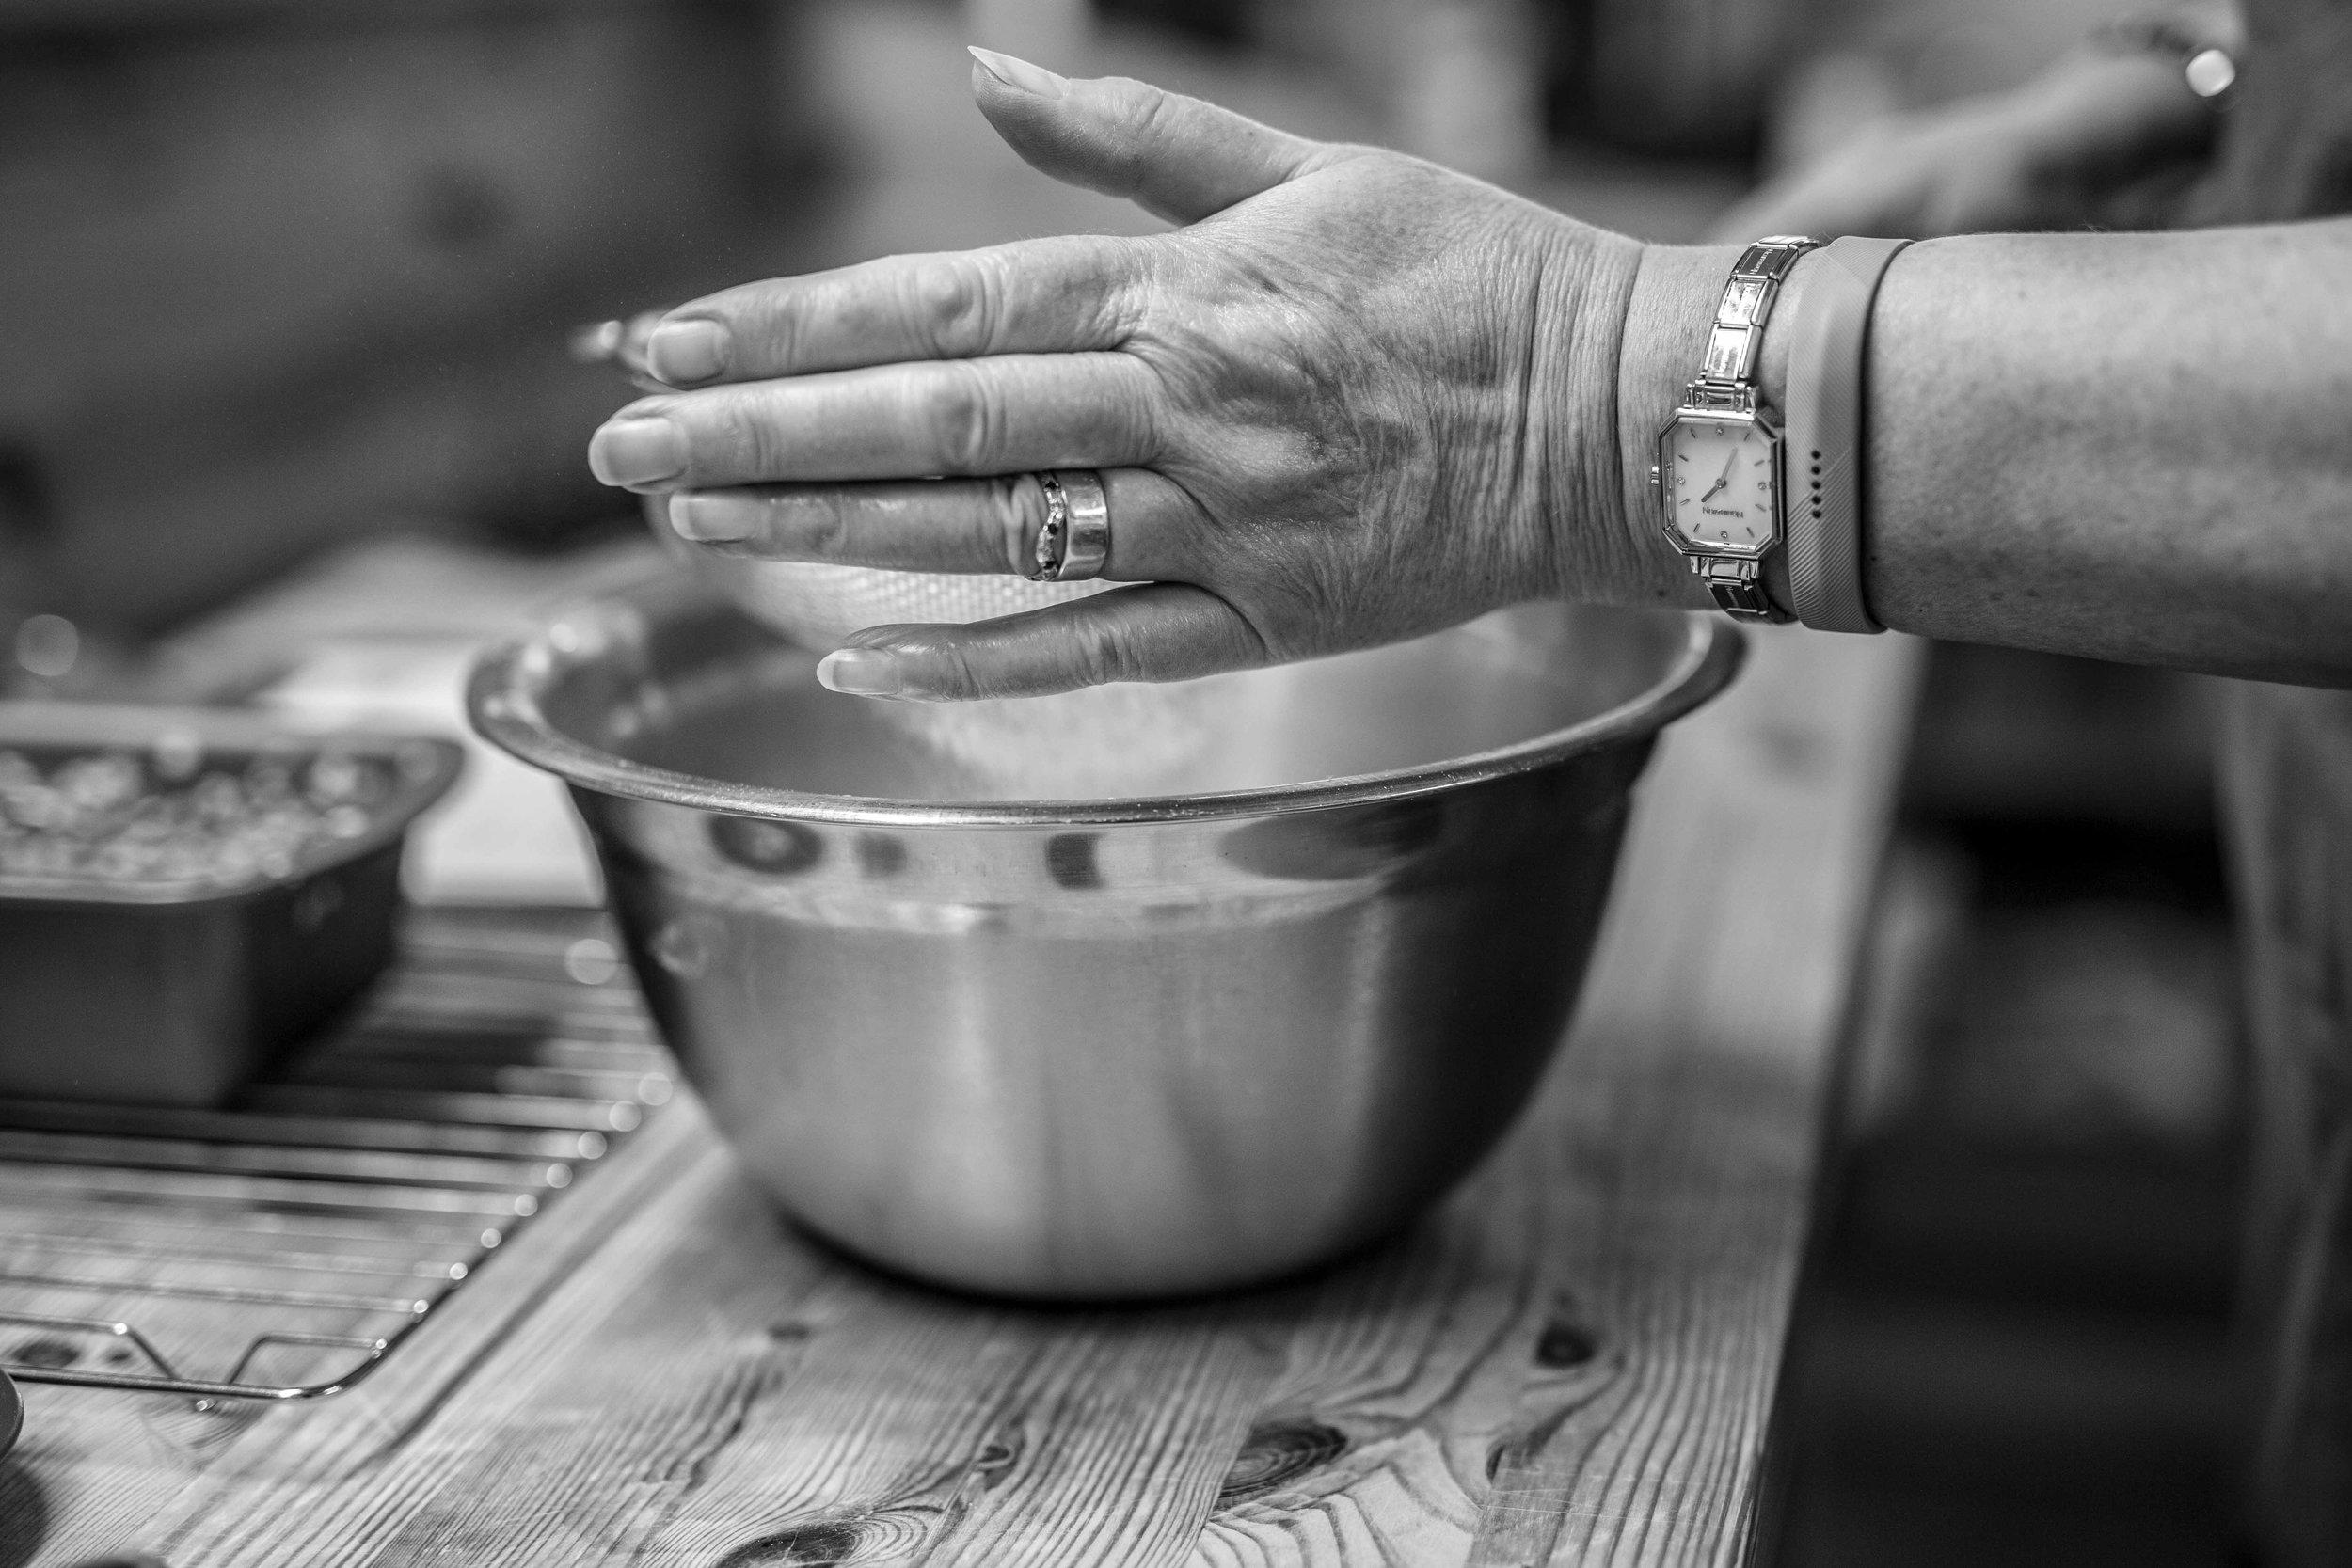 Belfast Cookery School - Irish bread baking